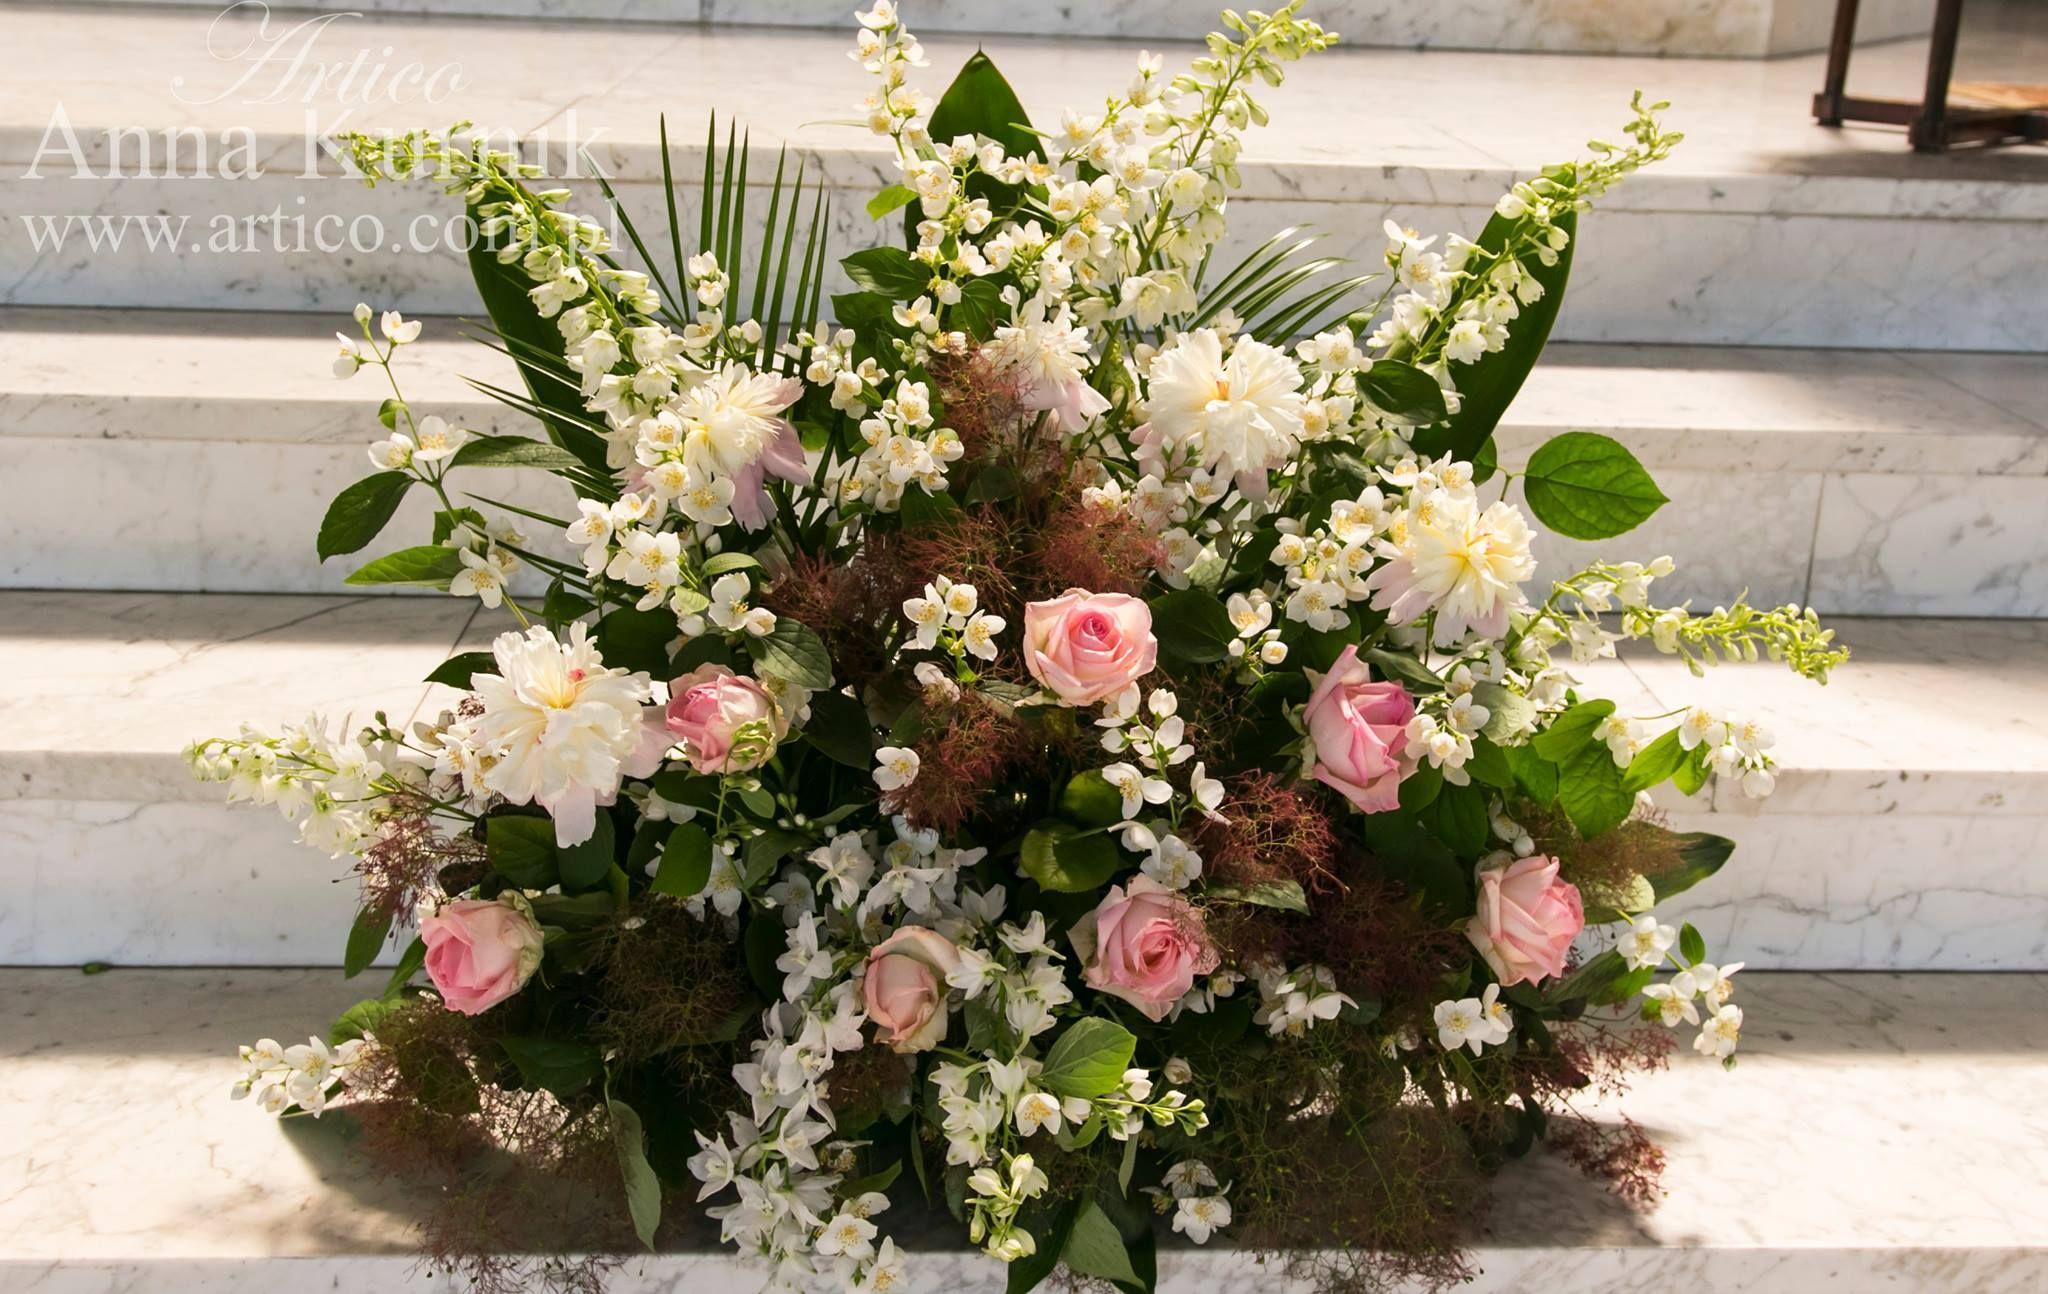 Dekoracje Oltarza Nasza Propozycja Duza Kompozycja W Kolorach Przewodnich Rozowe Roze To Jest To Wedding Decorations Floral Wreath Wedding